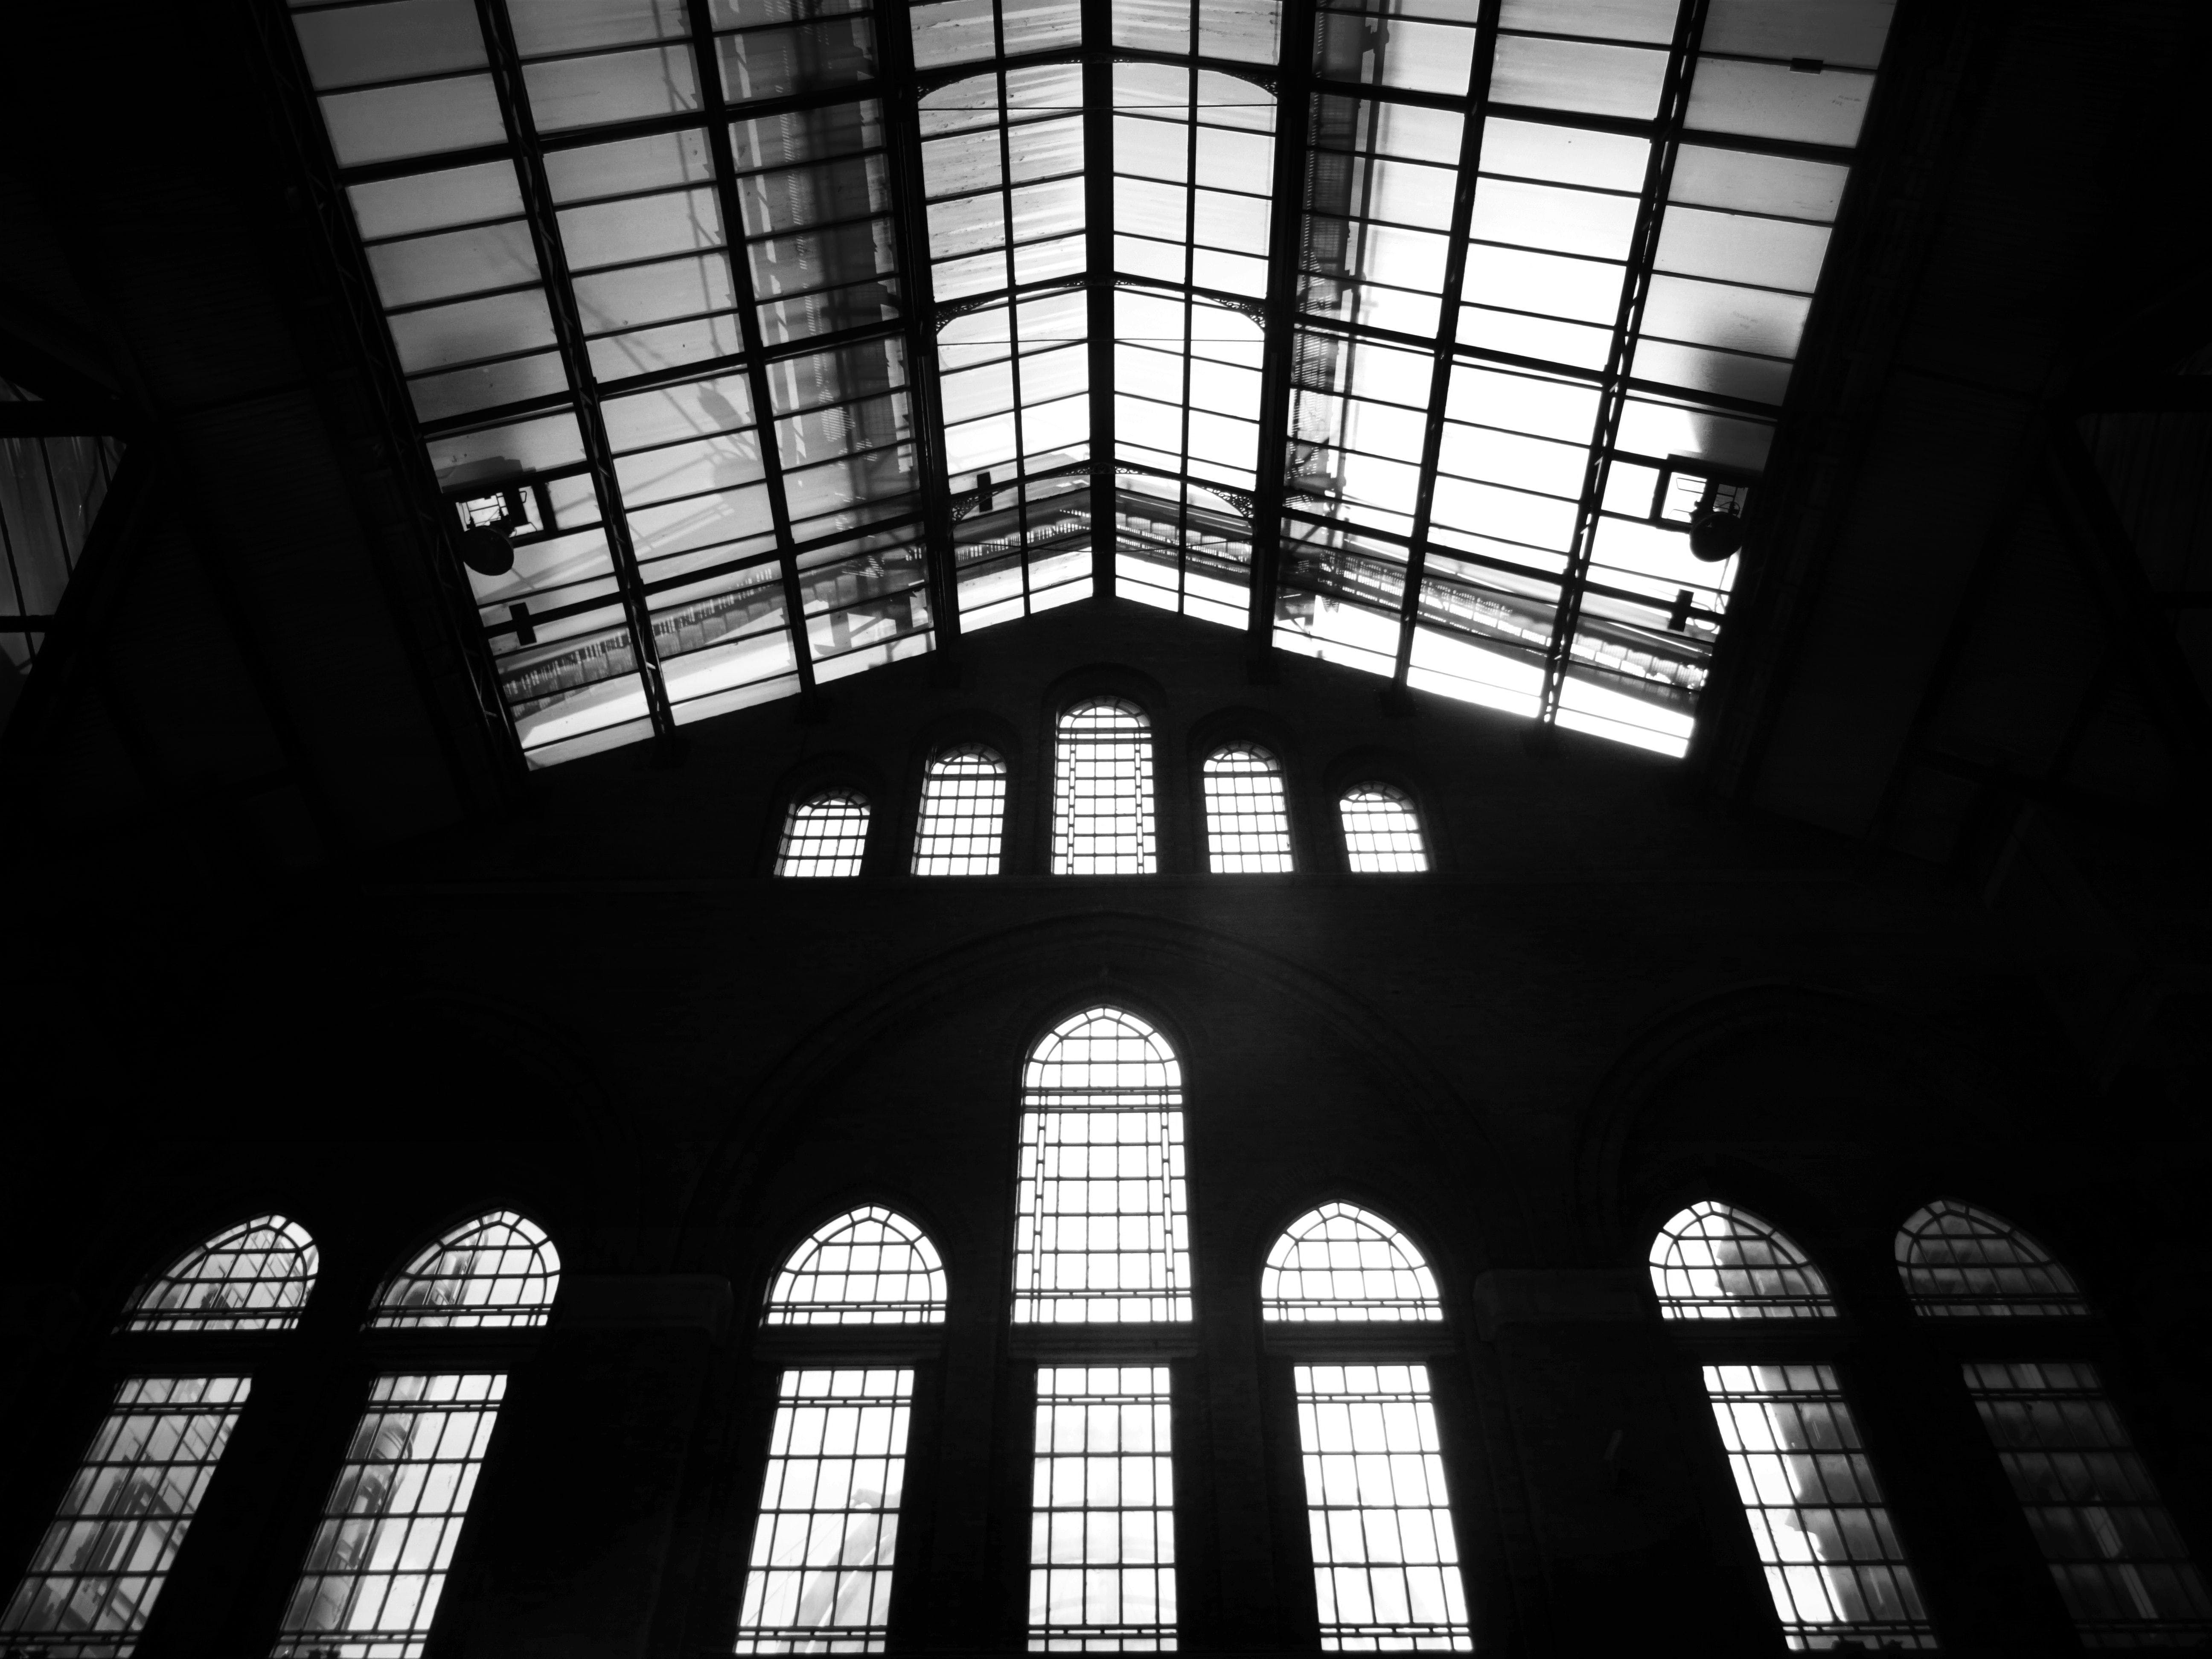 Бесплатное стоковое фото с арки, архитектура, здание, легкий